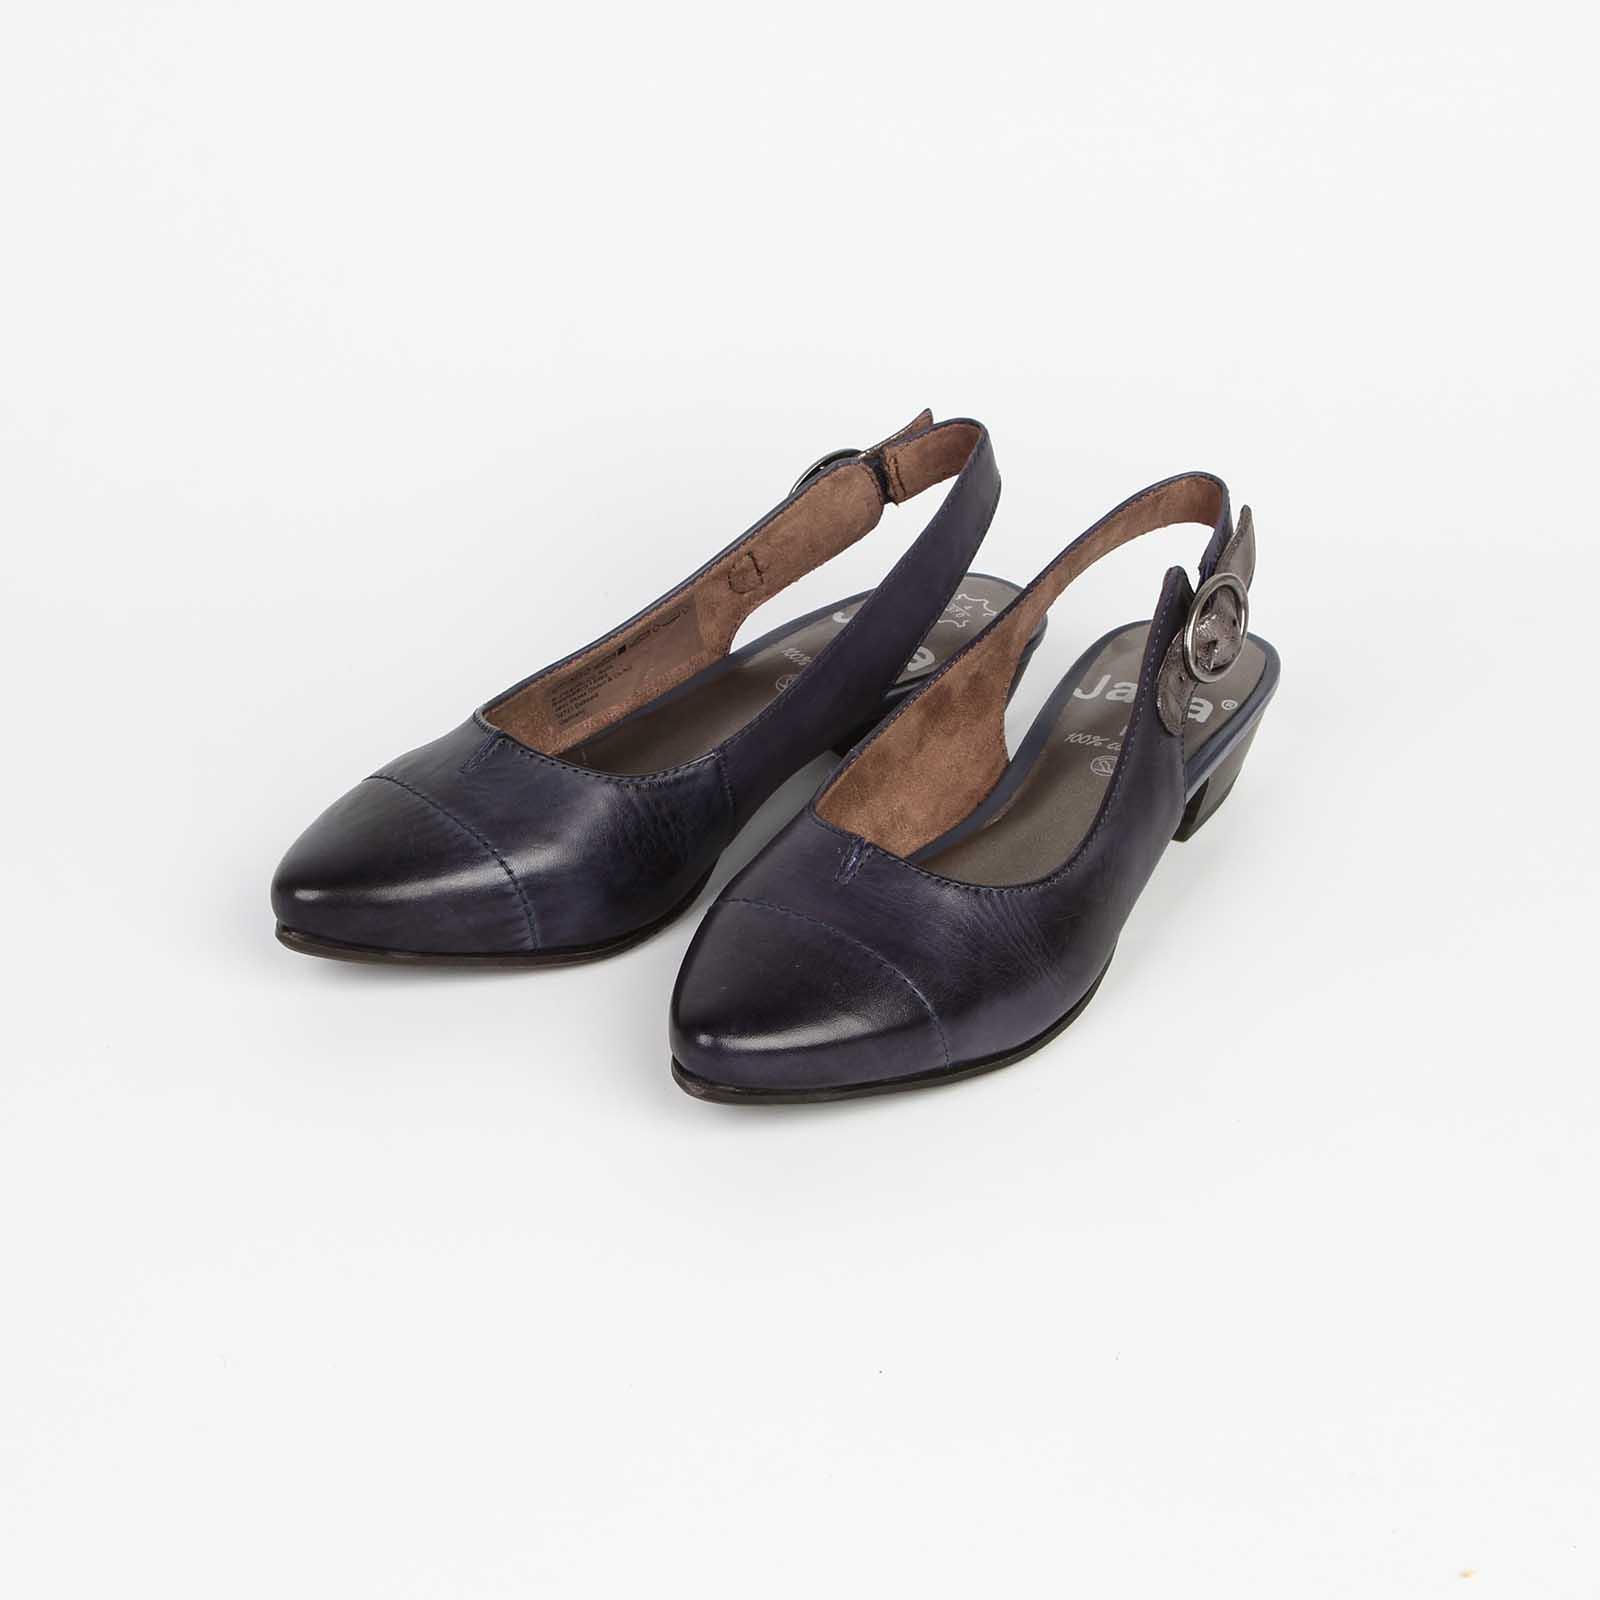 Туфли женские из натуральной кожи на удобном каблуке с регулируемым ремешком